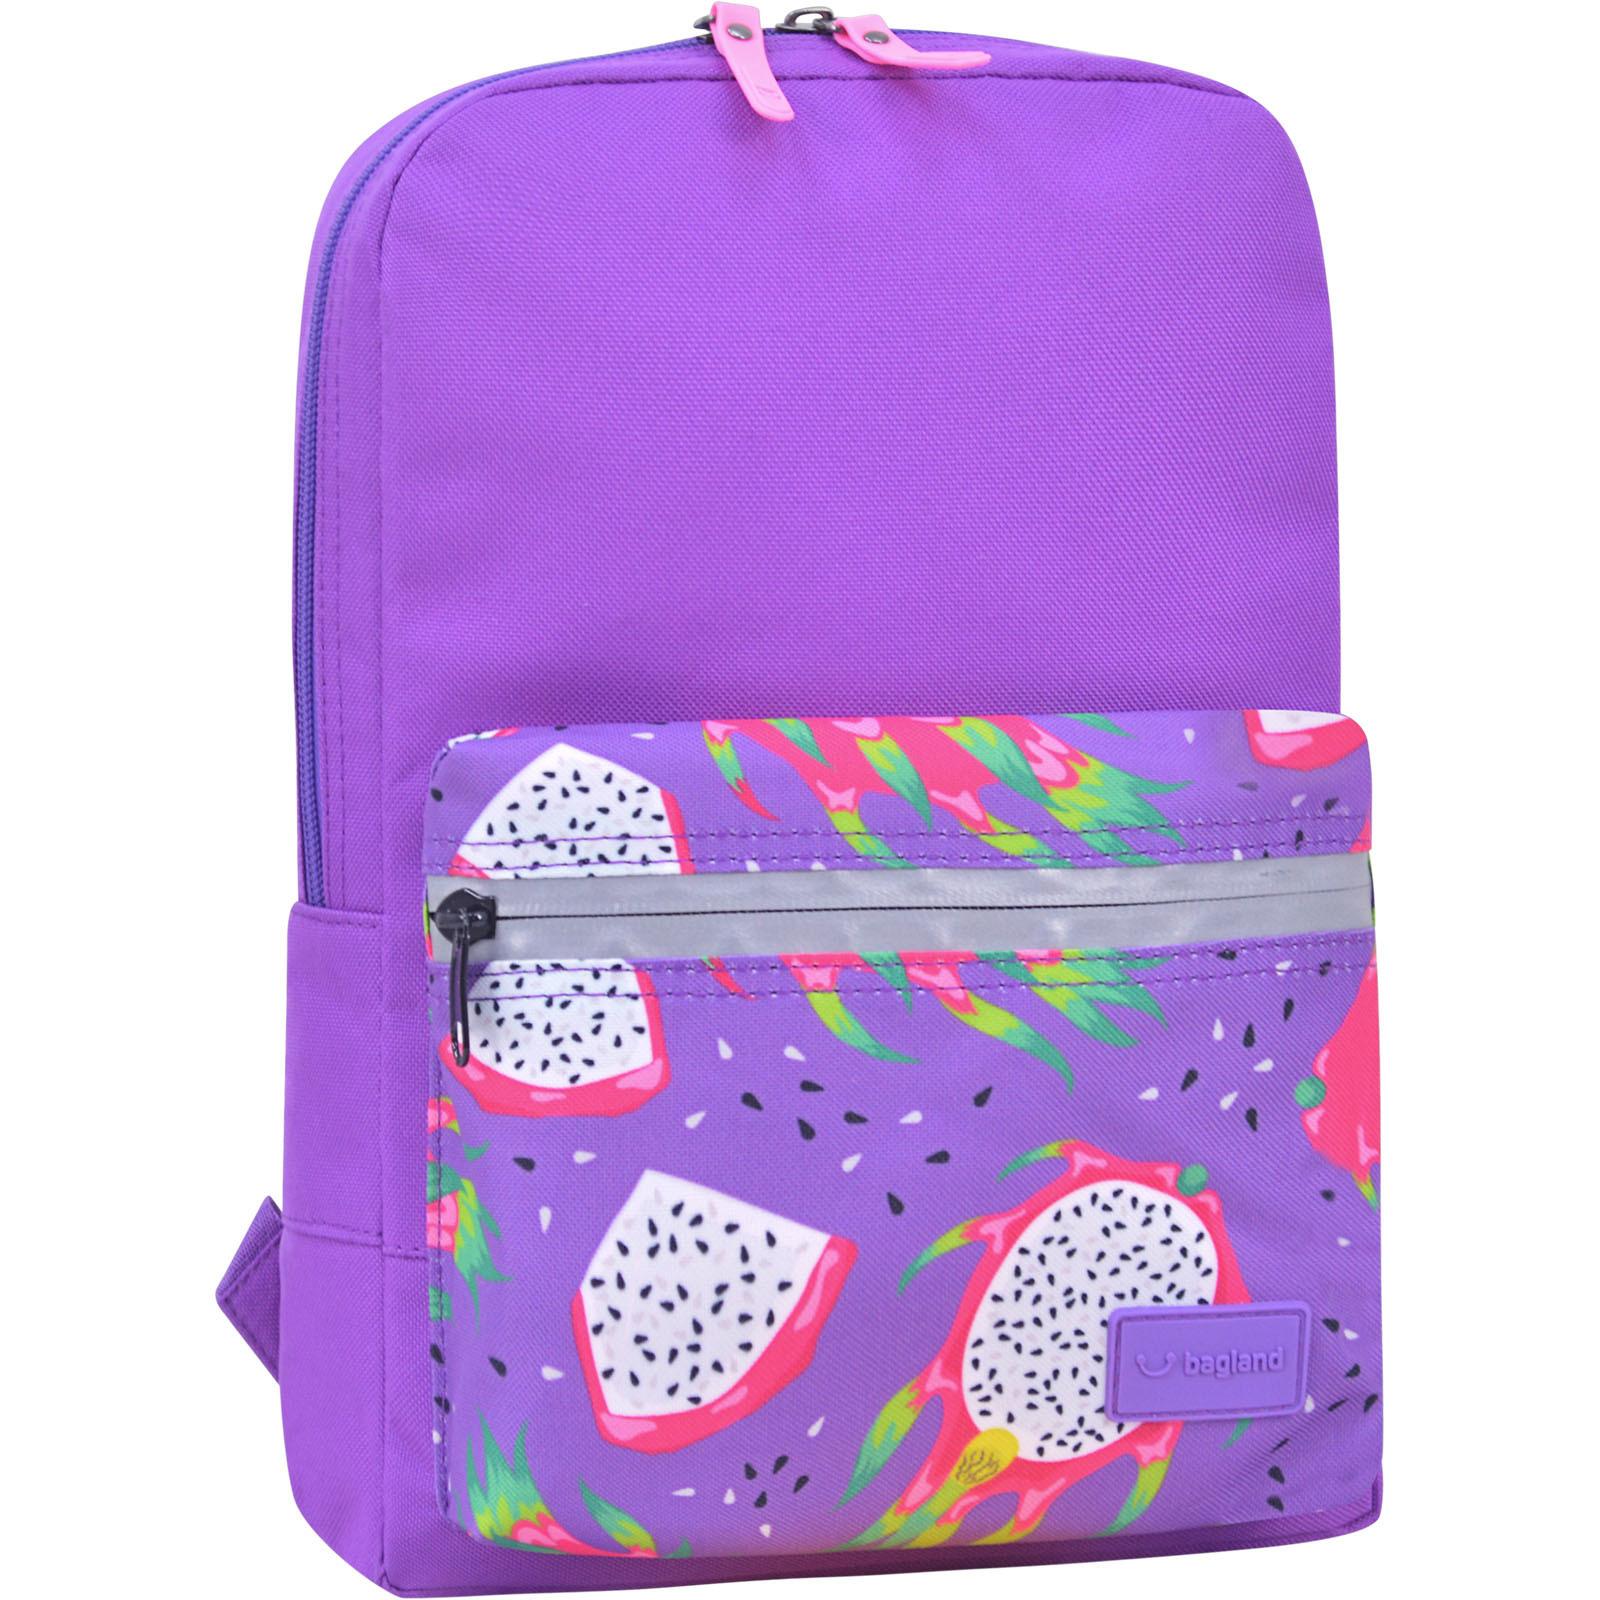 Молодежные рюкзаки Рюкзак Bagland Молодежный mini 8 л. фиолетовый 759 (0050866) DSC_1140_суб759_-1600.jpg